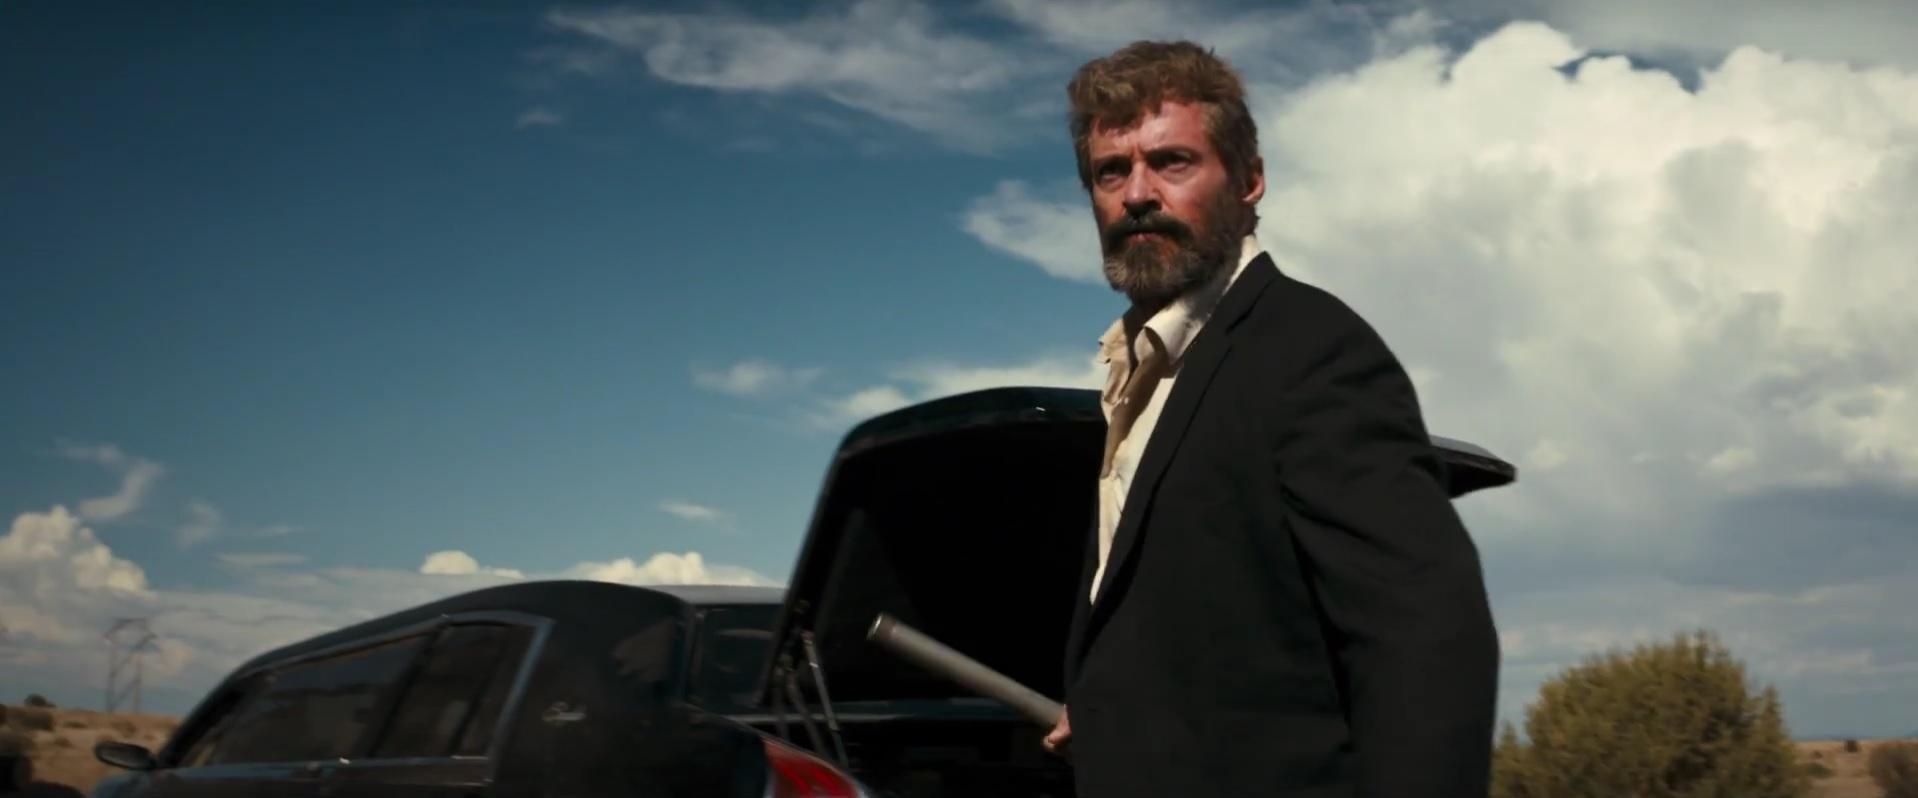 Logan con terno